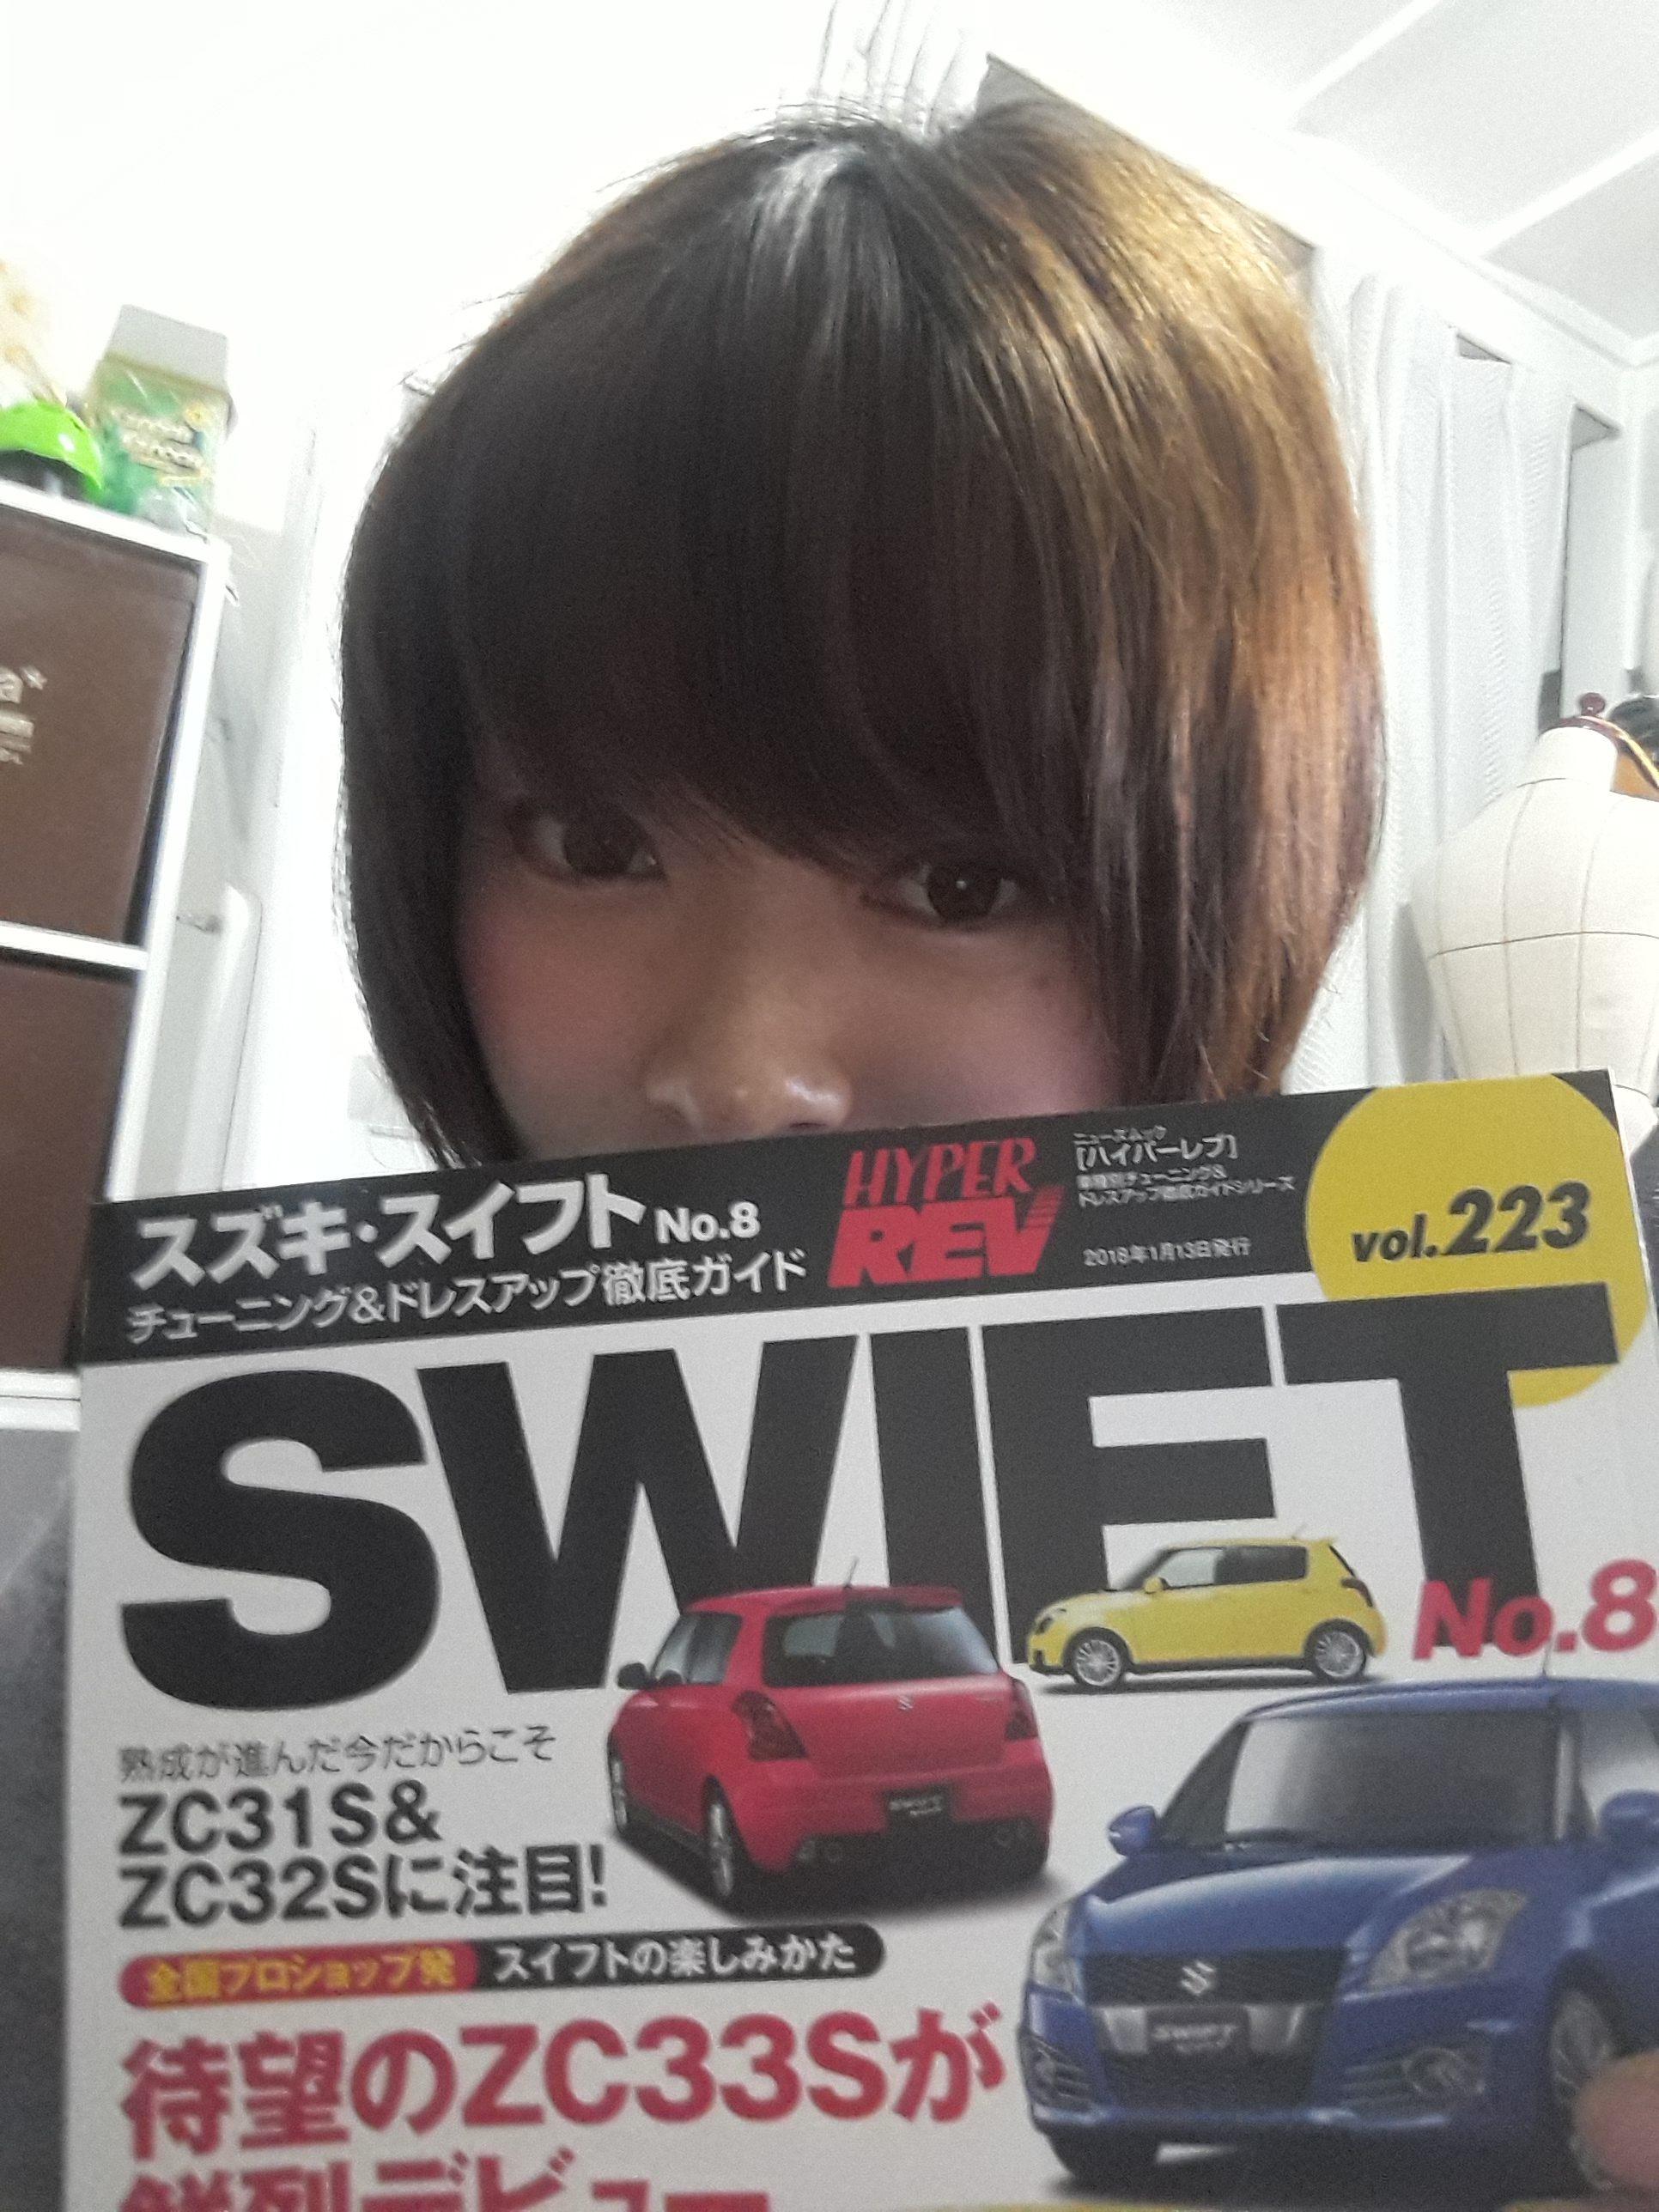 ハイパーレブ Vol.223 スズキ・スイフト No.8 (ニューズムック 車種別チューニング&ドレスアップ徹底ガイド)が発売されました。